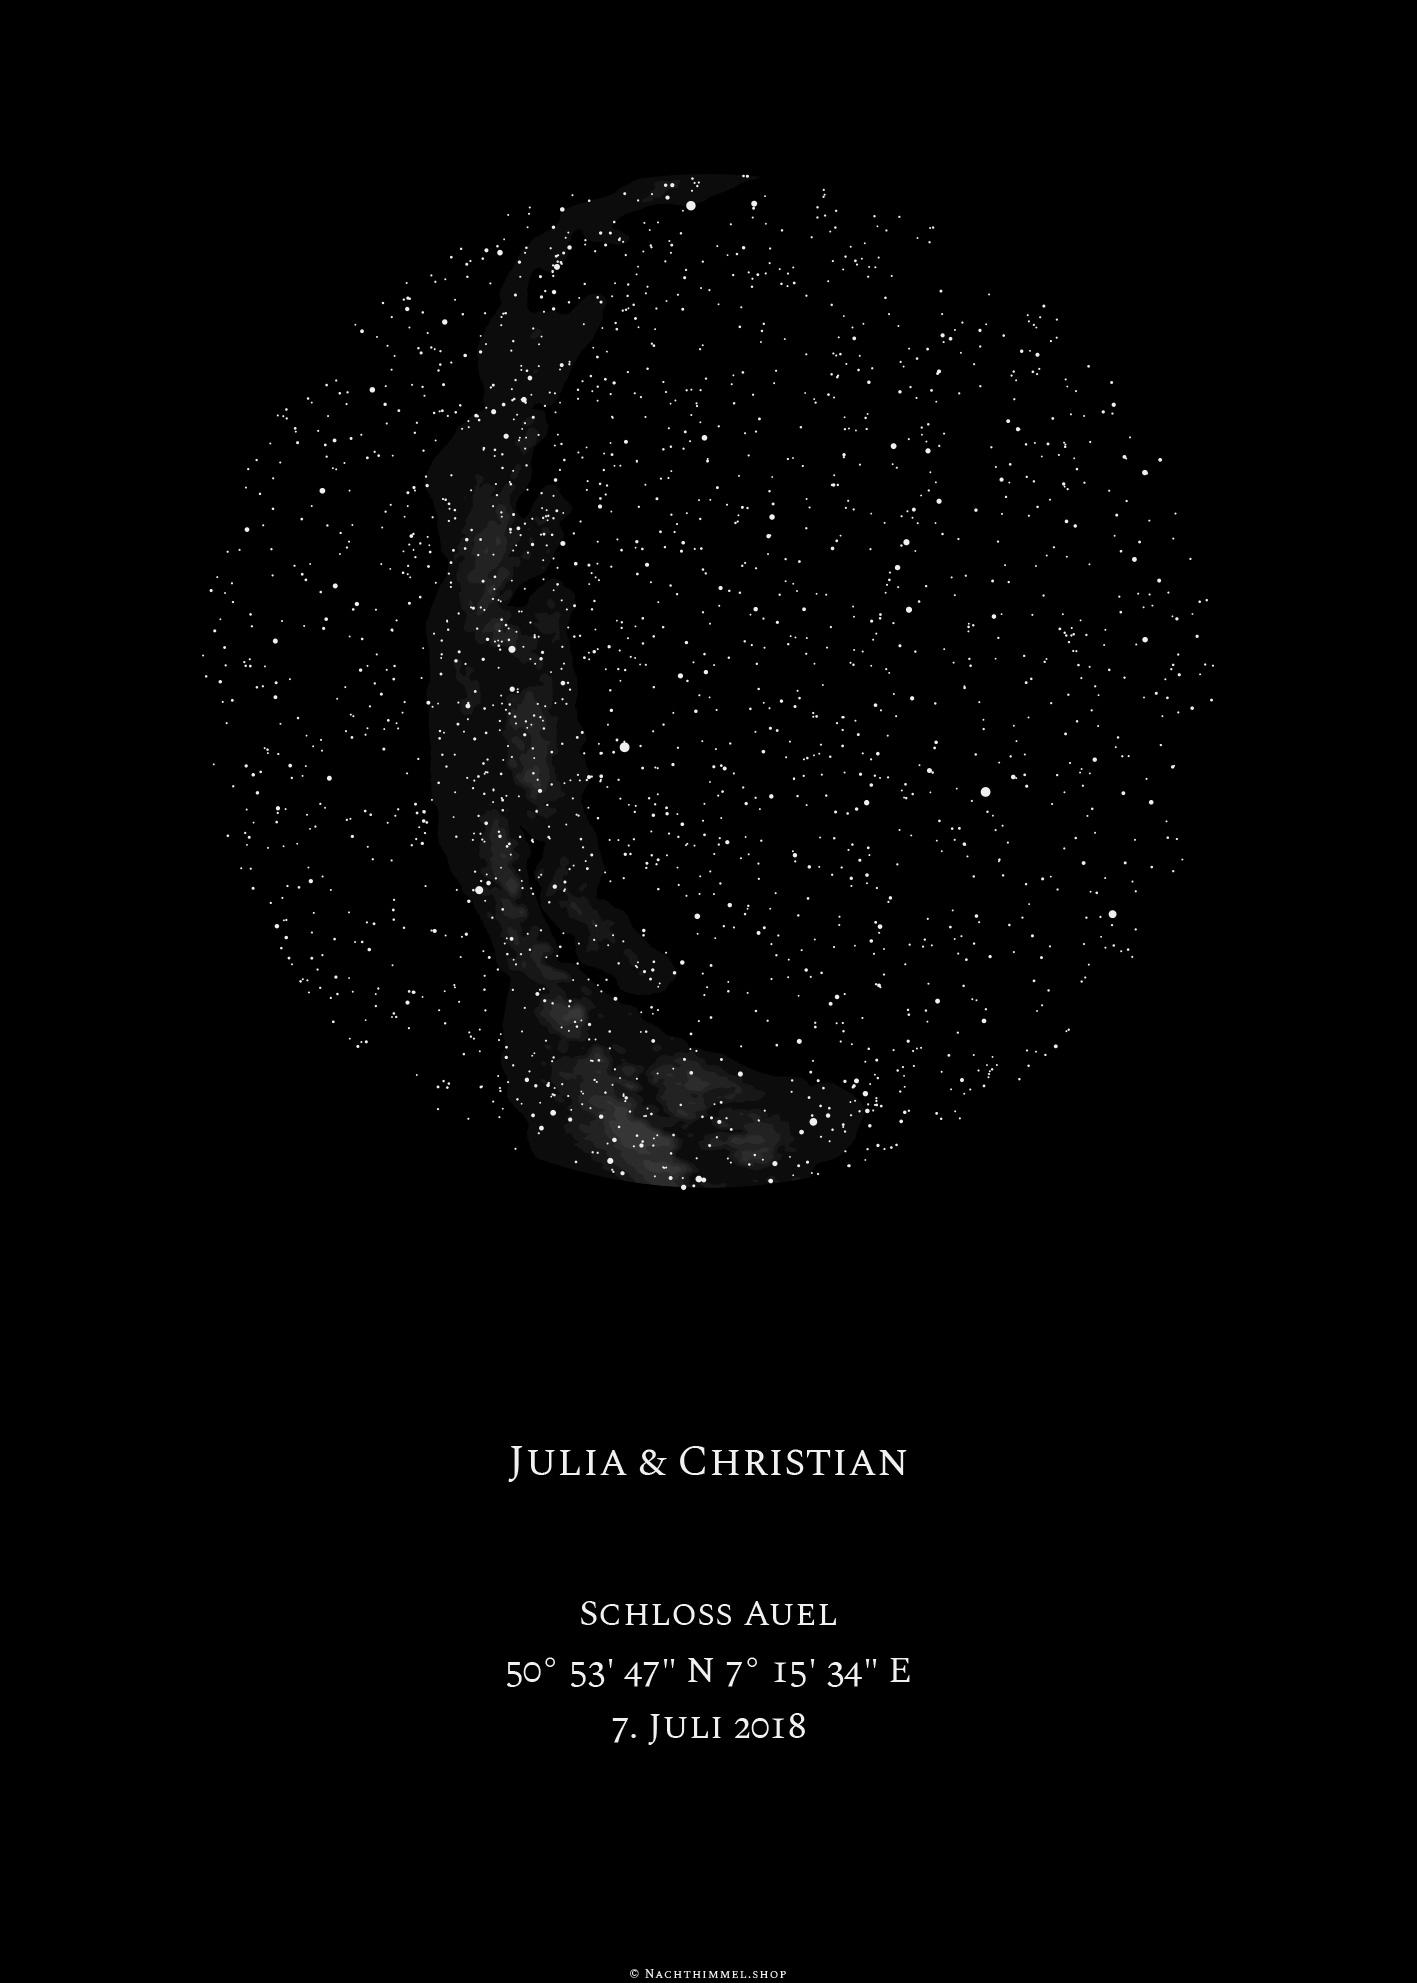 sternenhimmel poster datum